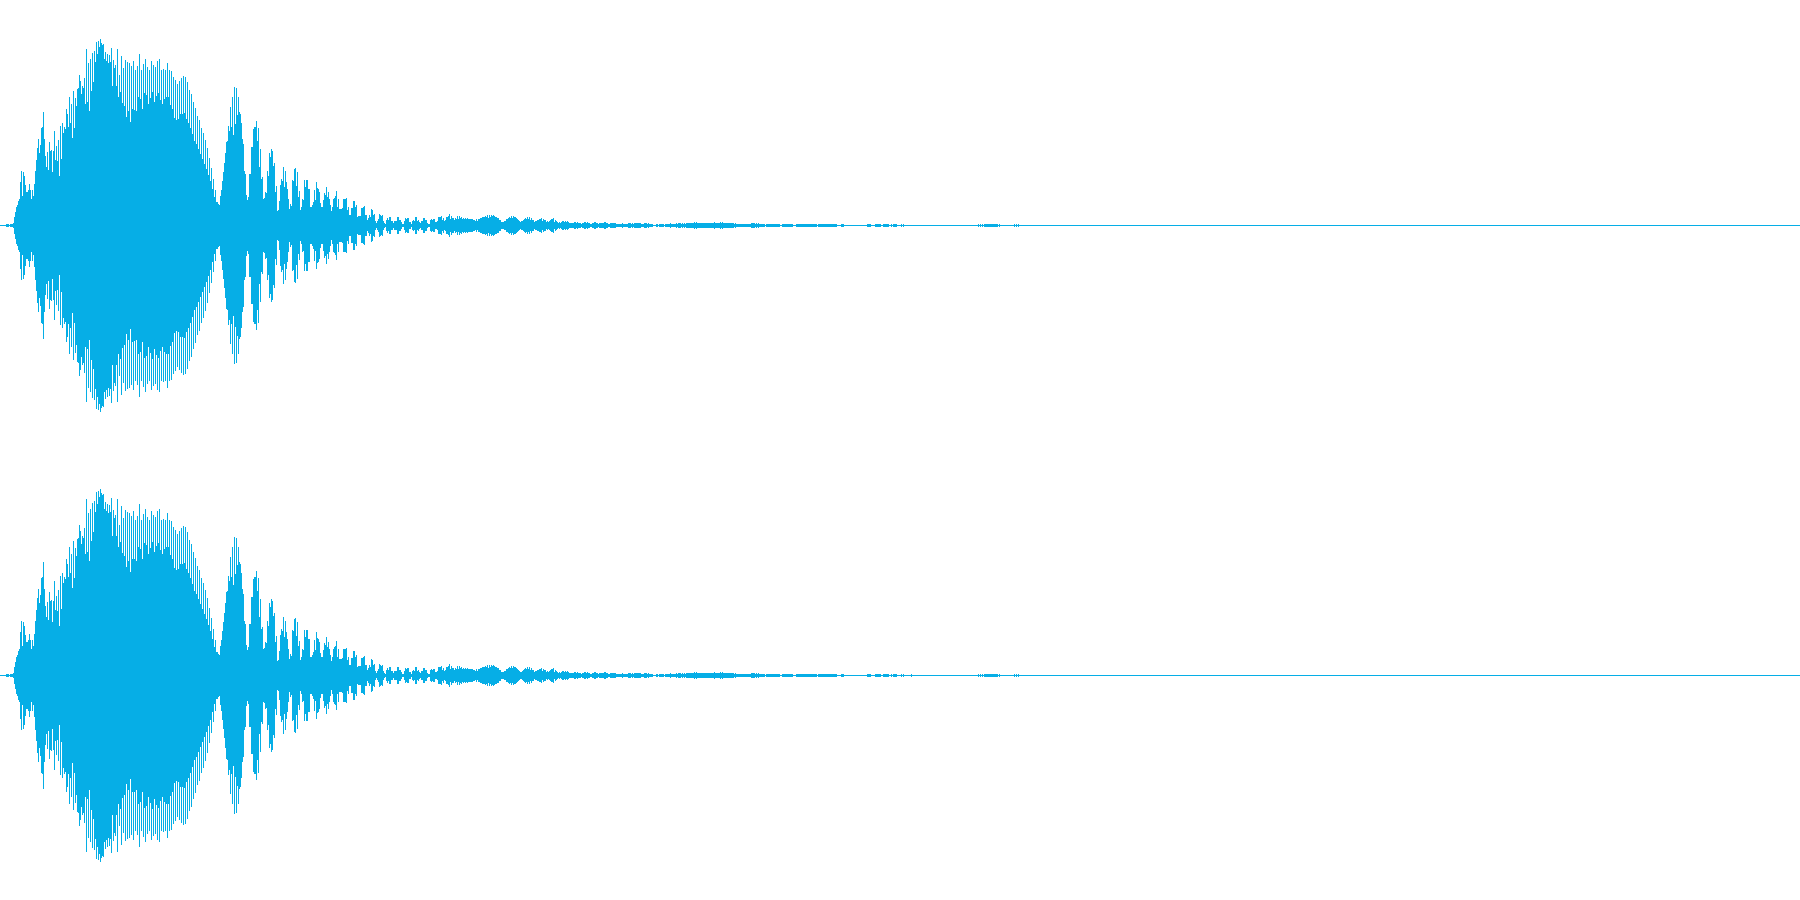 ボタン/クリック(チッとホゥンの合成音)の再生済みの波形